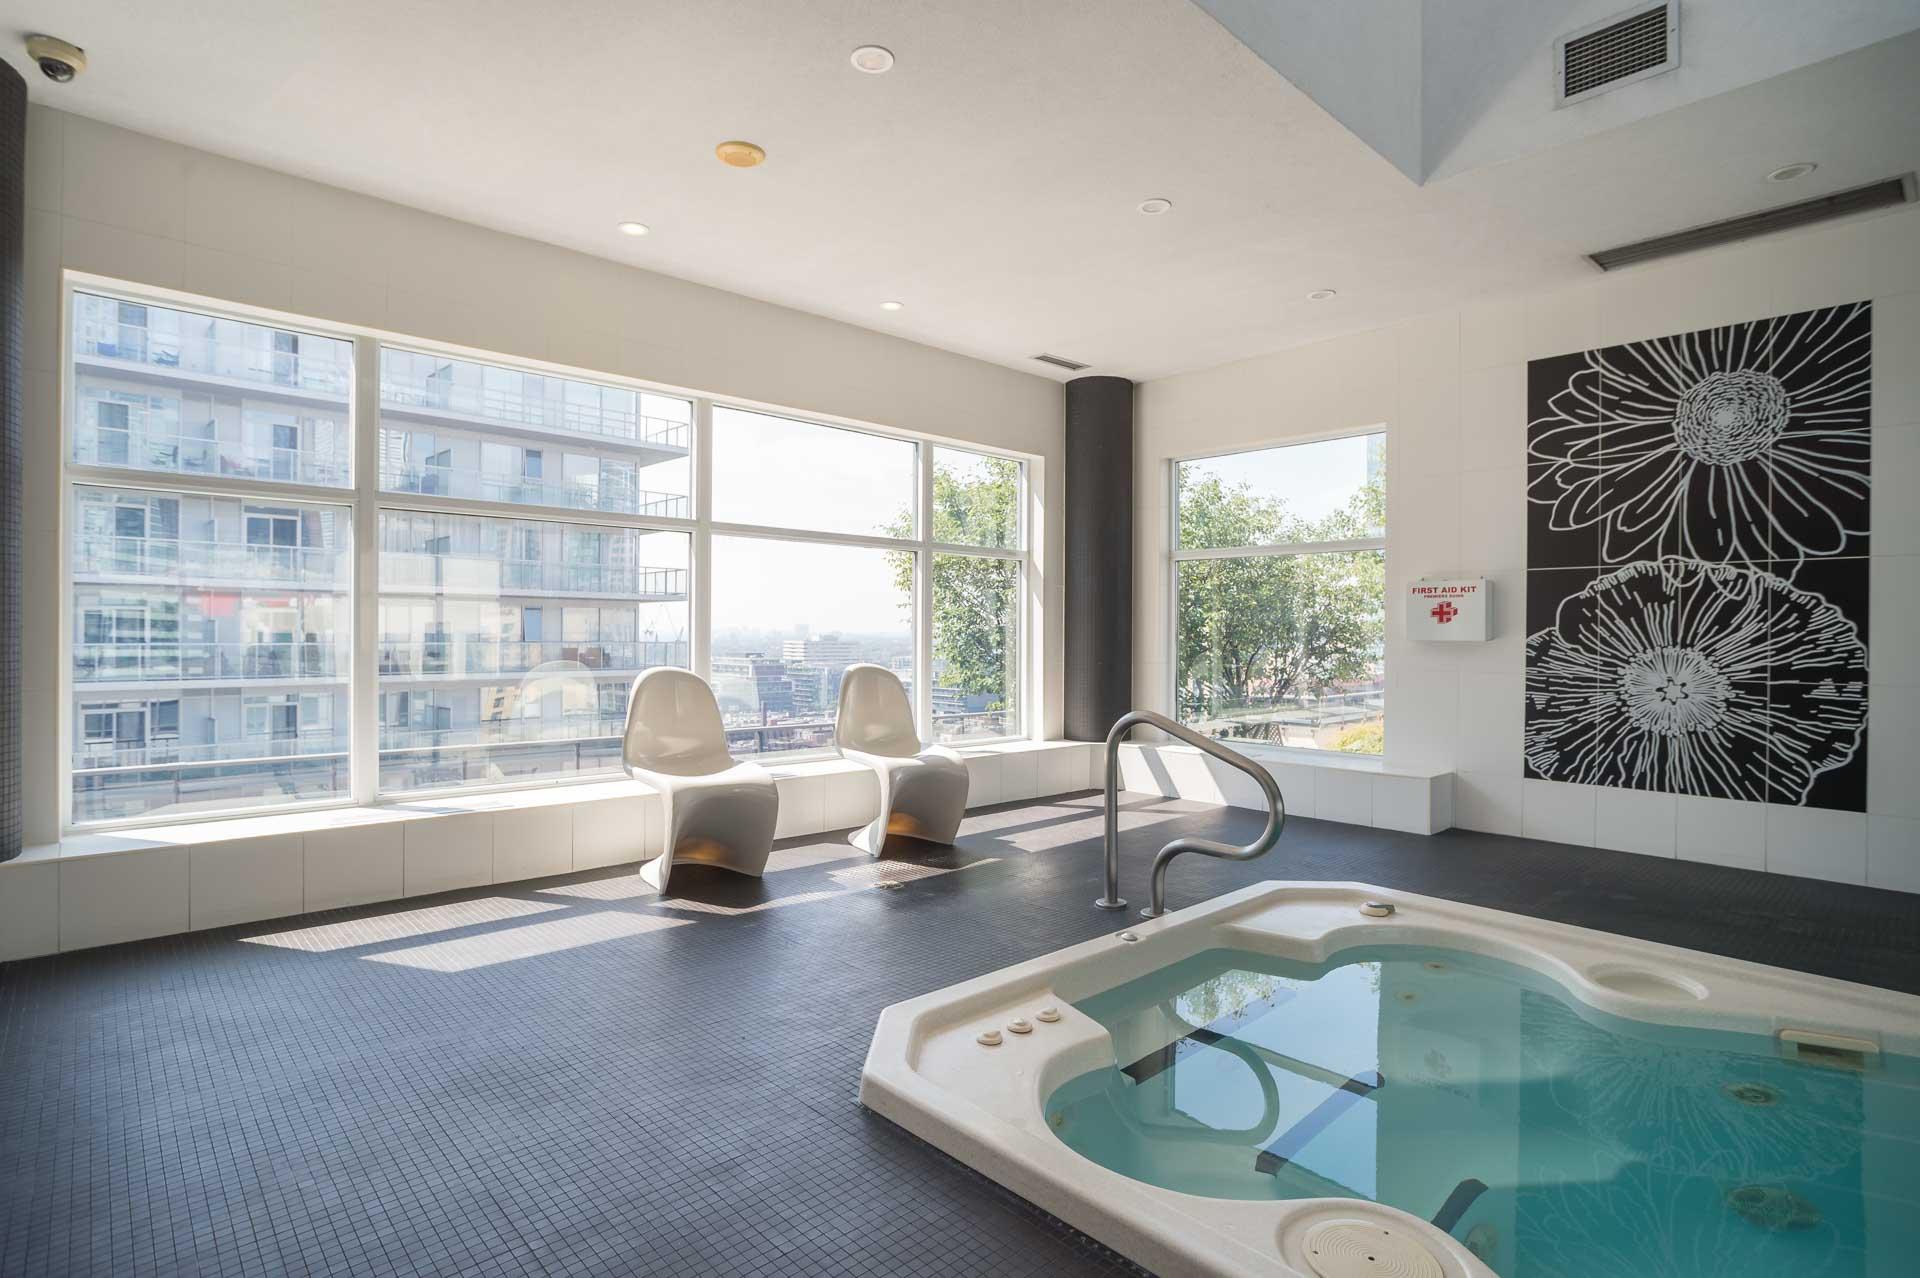 41_amenities8.jpg